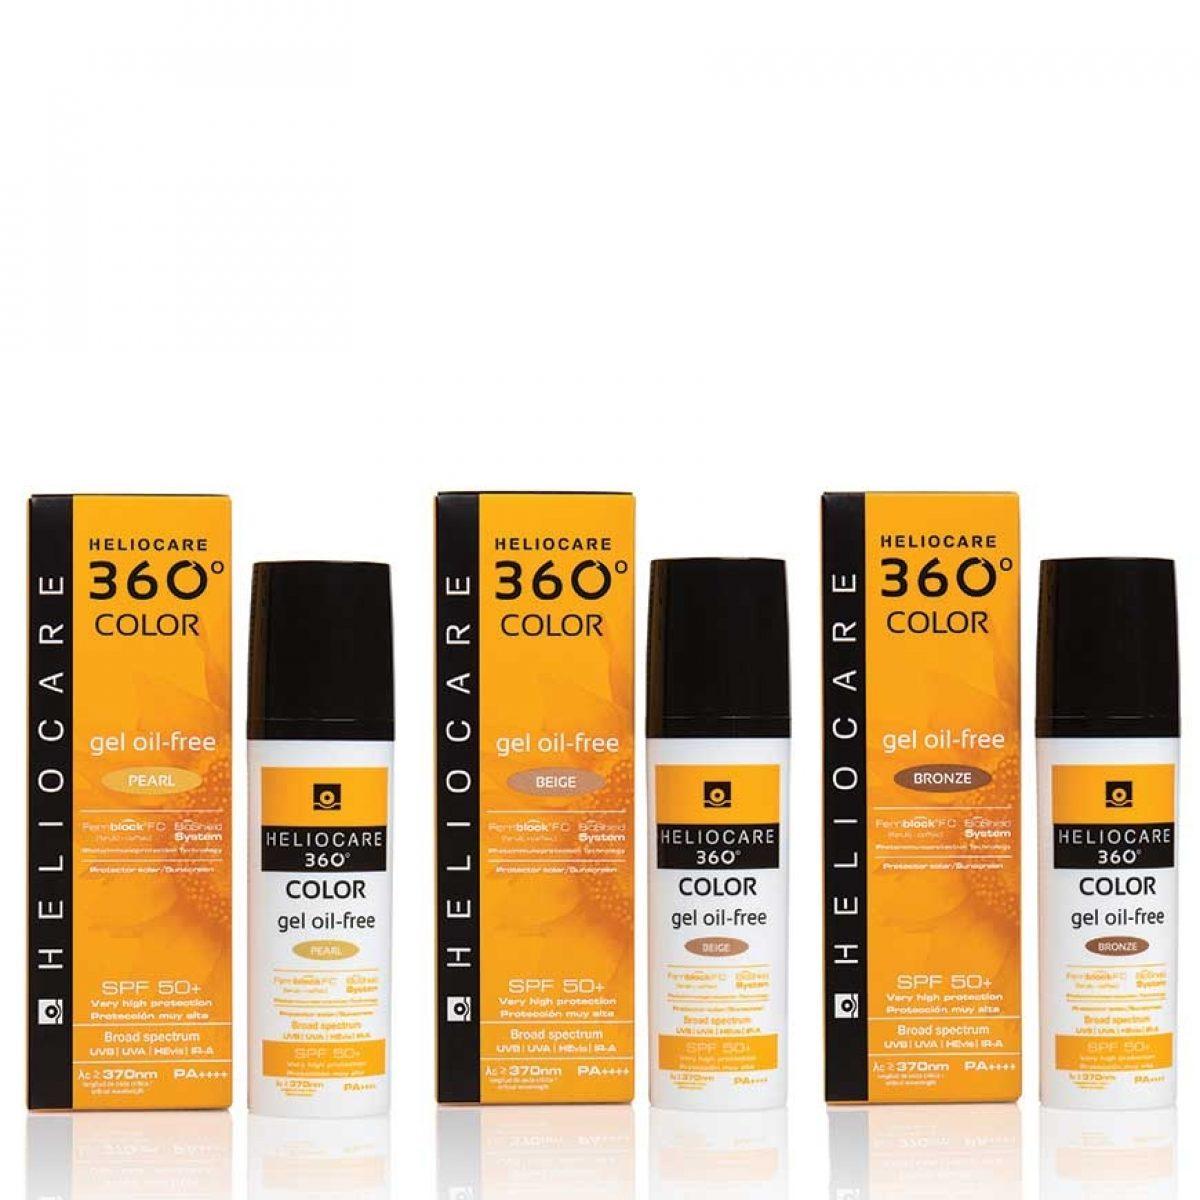 HELIOCARE 360 GEL OIL-FREE BEIGE SPF50+ 50ML